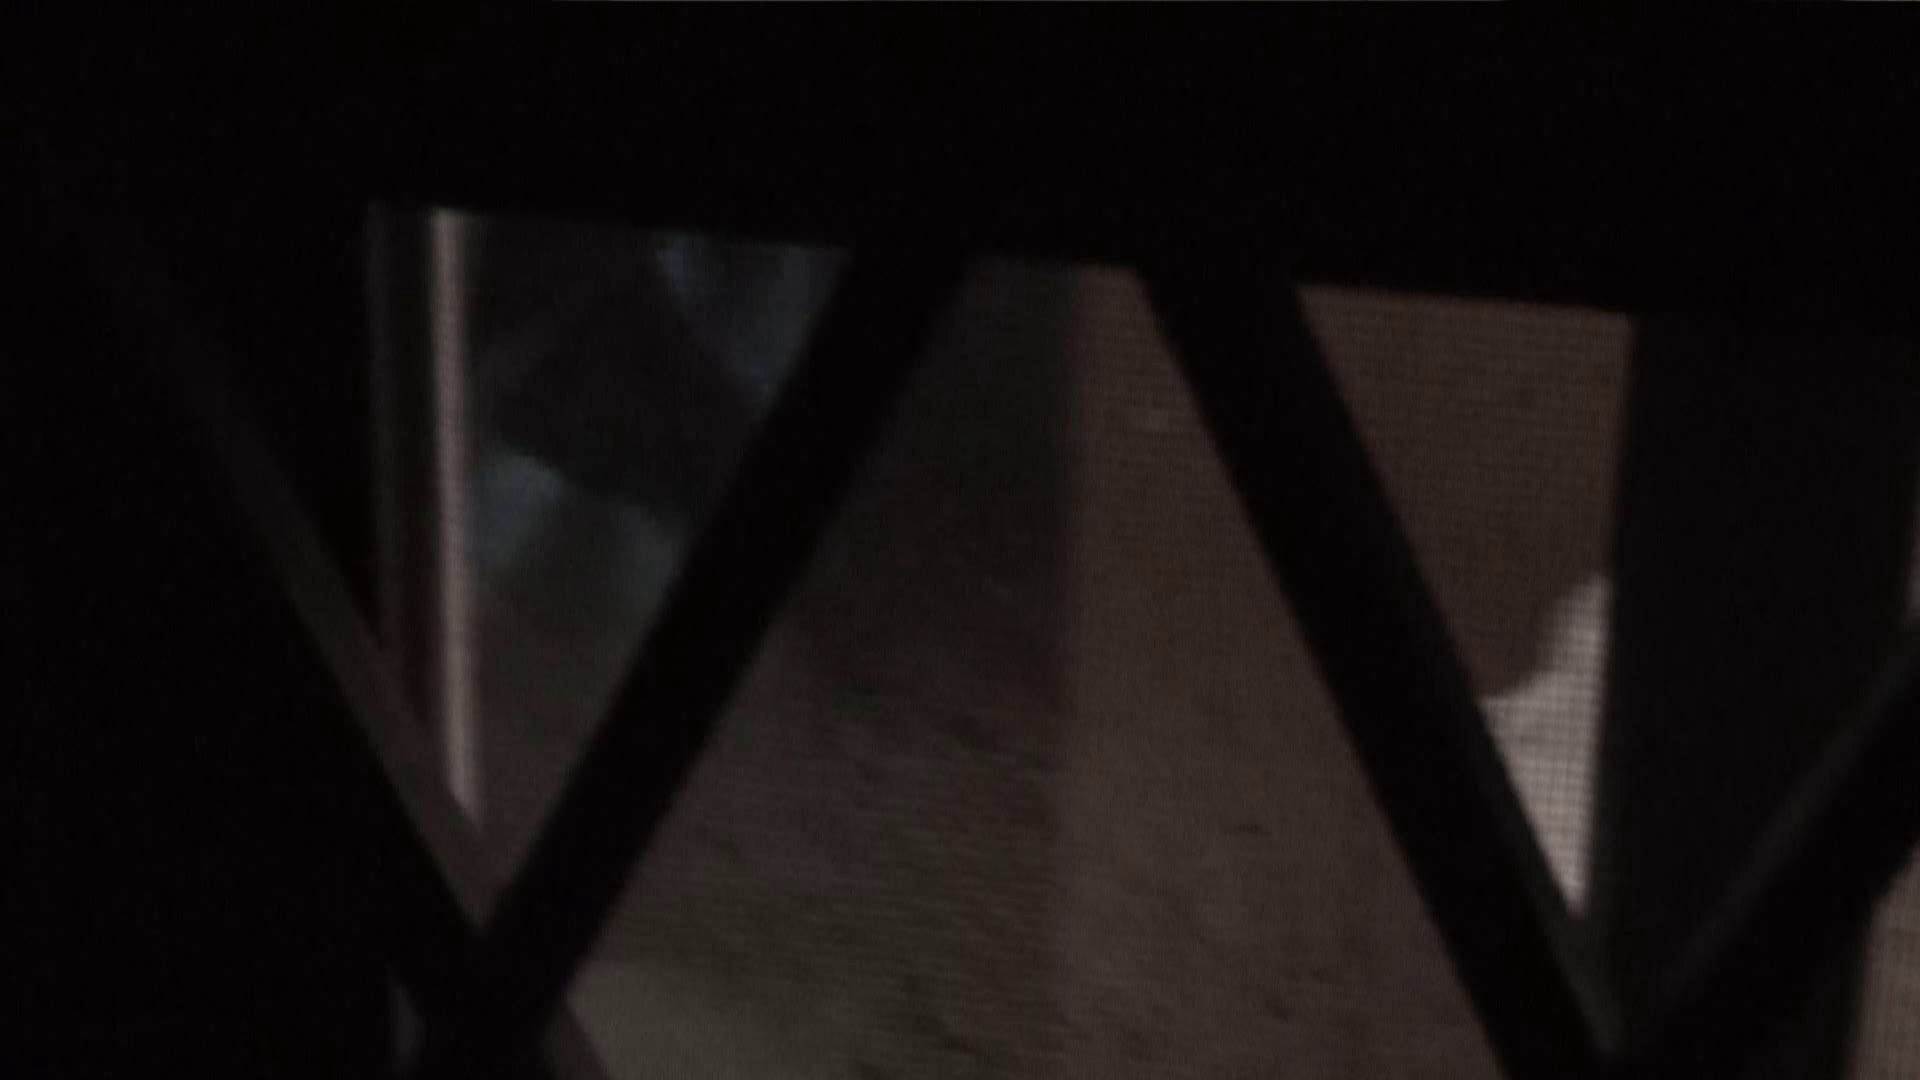 民家の騎士さんの最後の性戦ハイビジョン!!No.48 洗面所   民家でお風呂  38連発 25